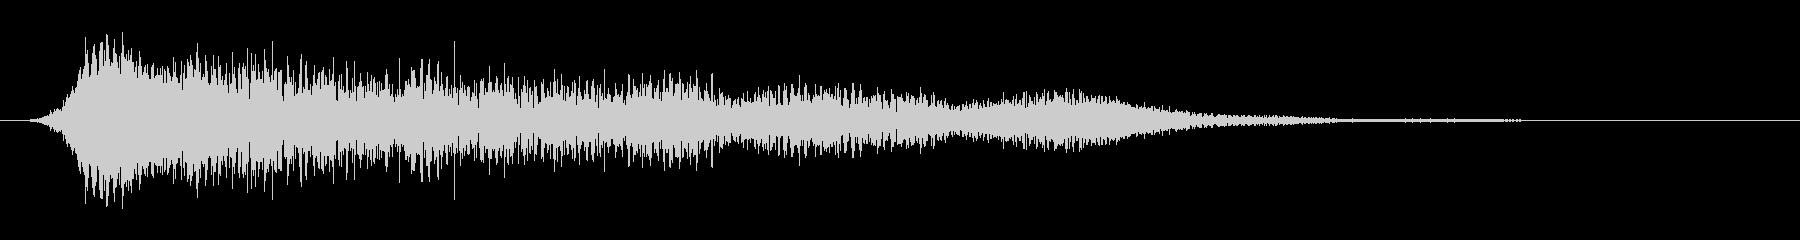 ヘビーローエアリースティンガーの未再生の波形